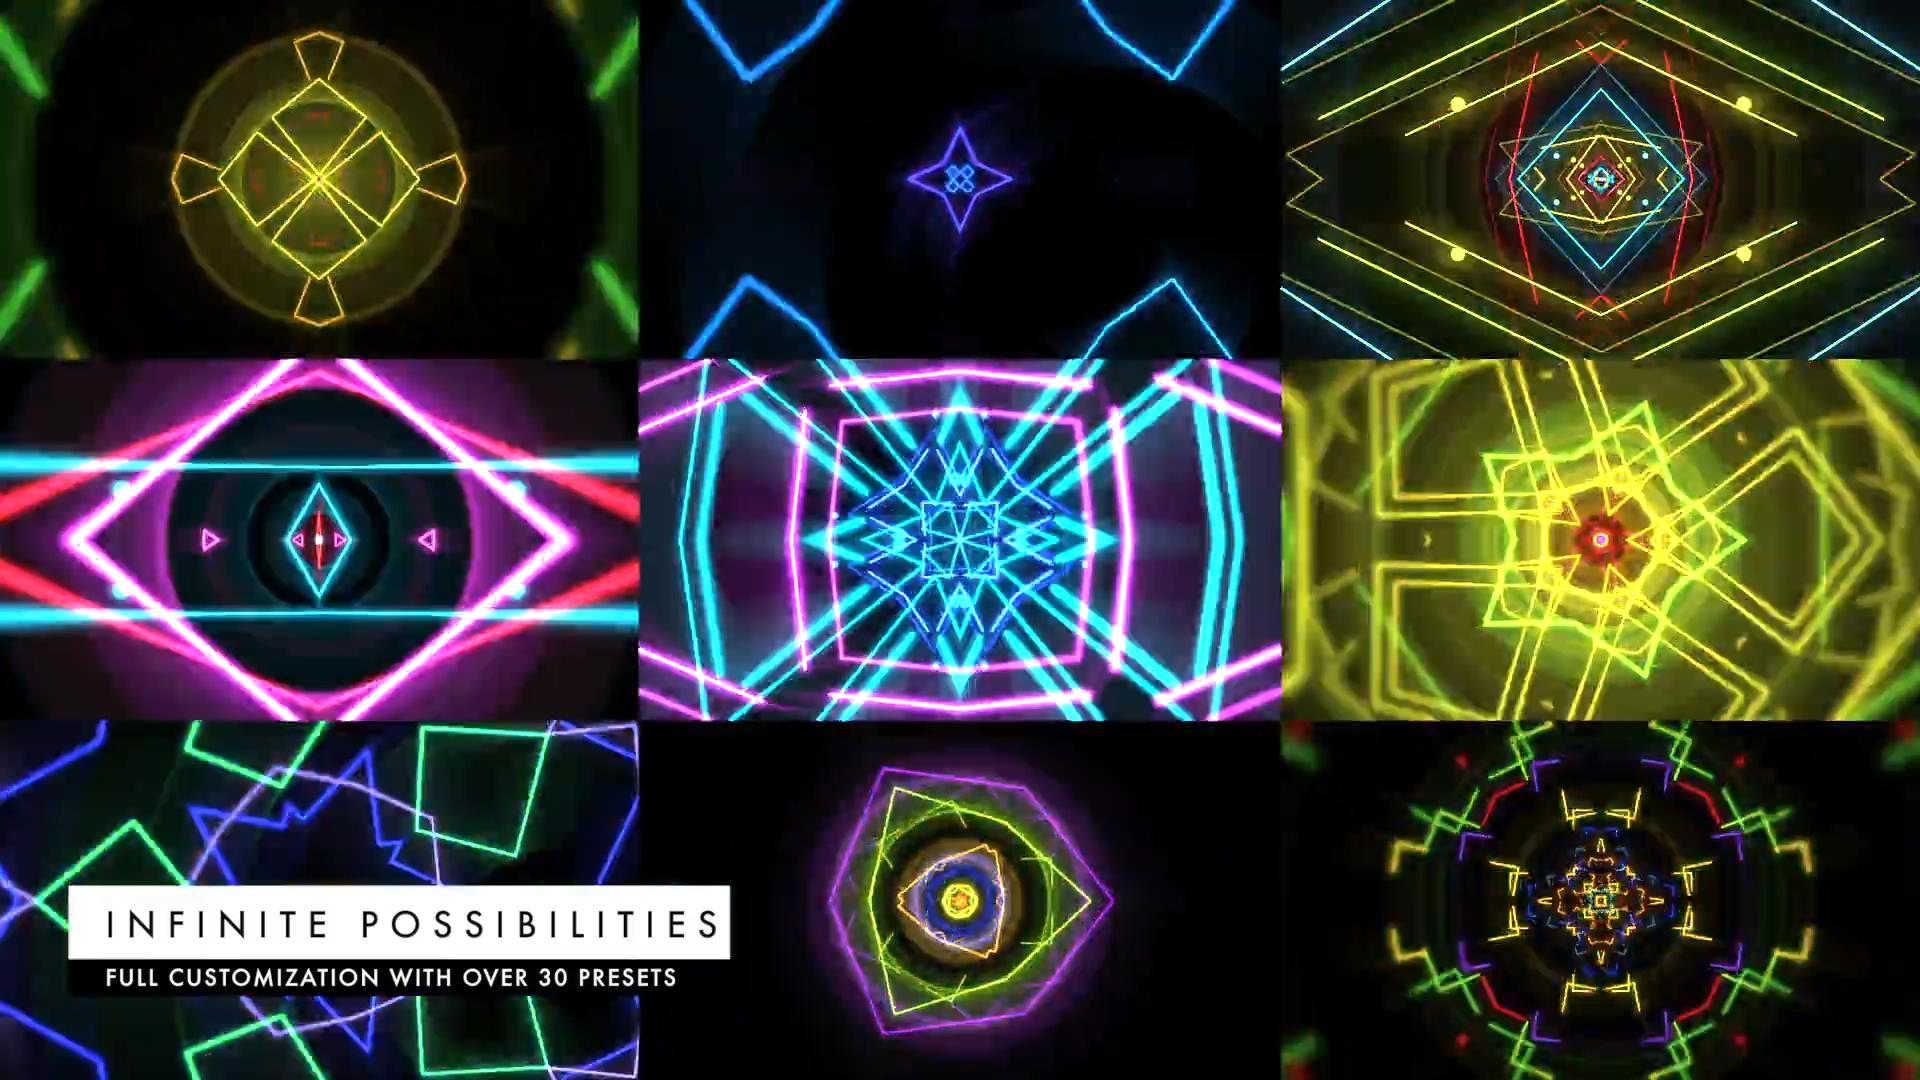 TB2vp35XGi5V1BjSszdXXXUJXXa_!!1075754678 FCPX插件:VJ霓虹灯效果动态视频舞台背景预设 ProDrop: Light Show